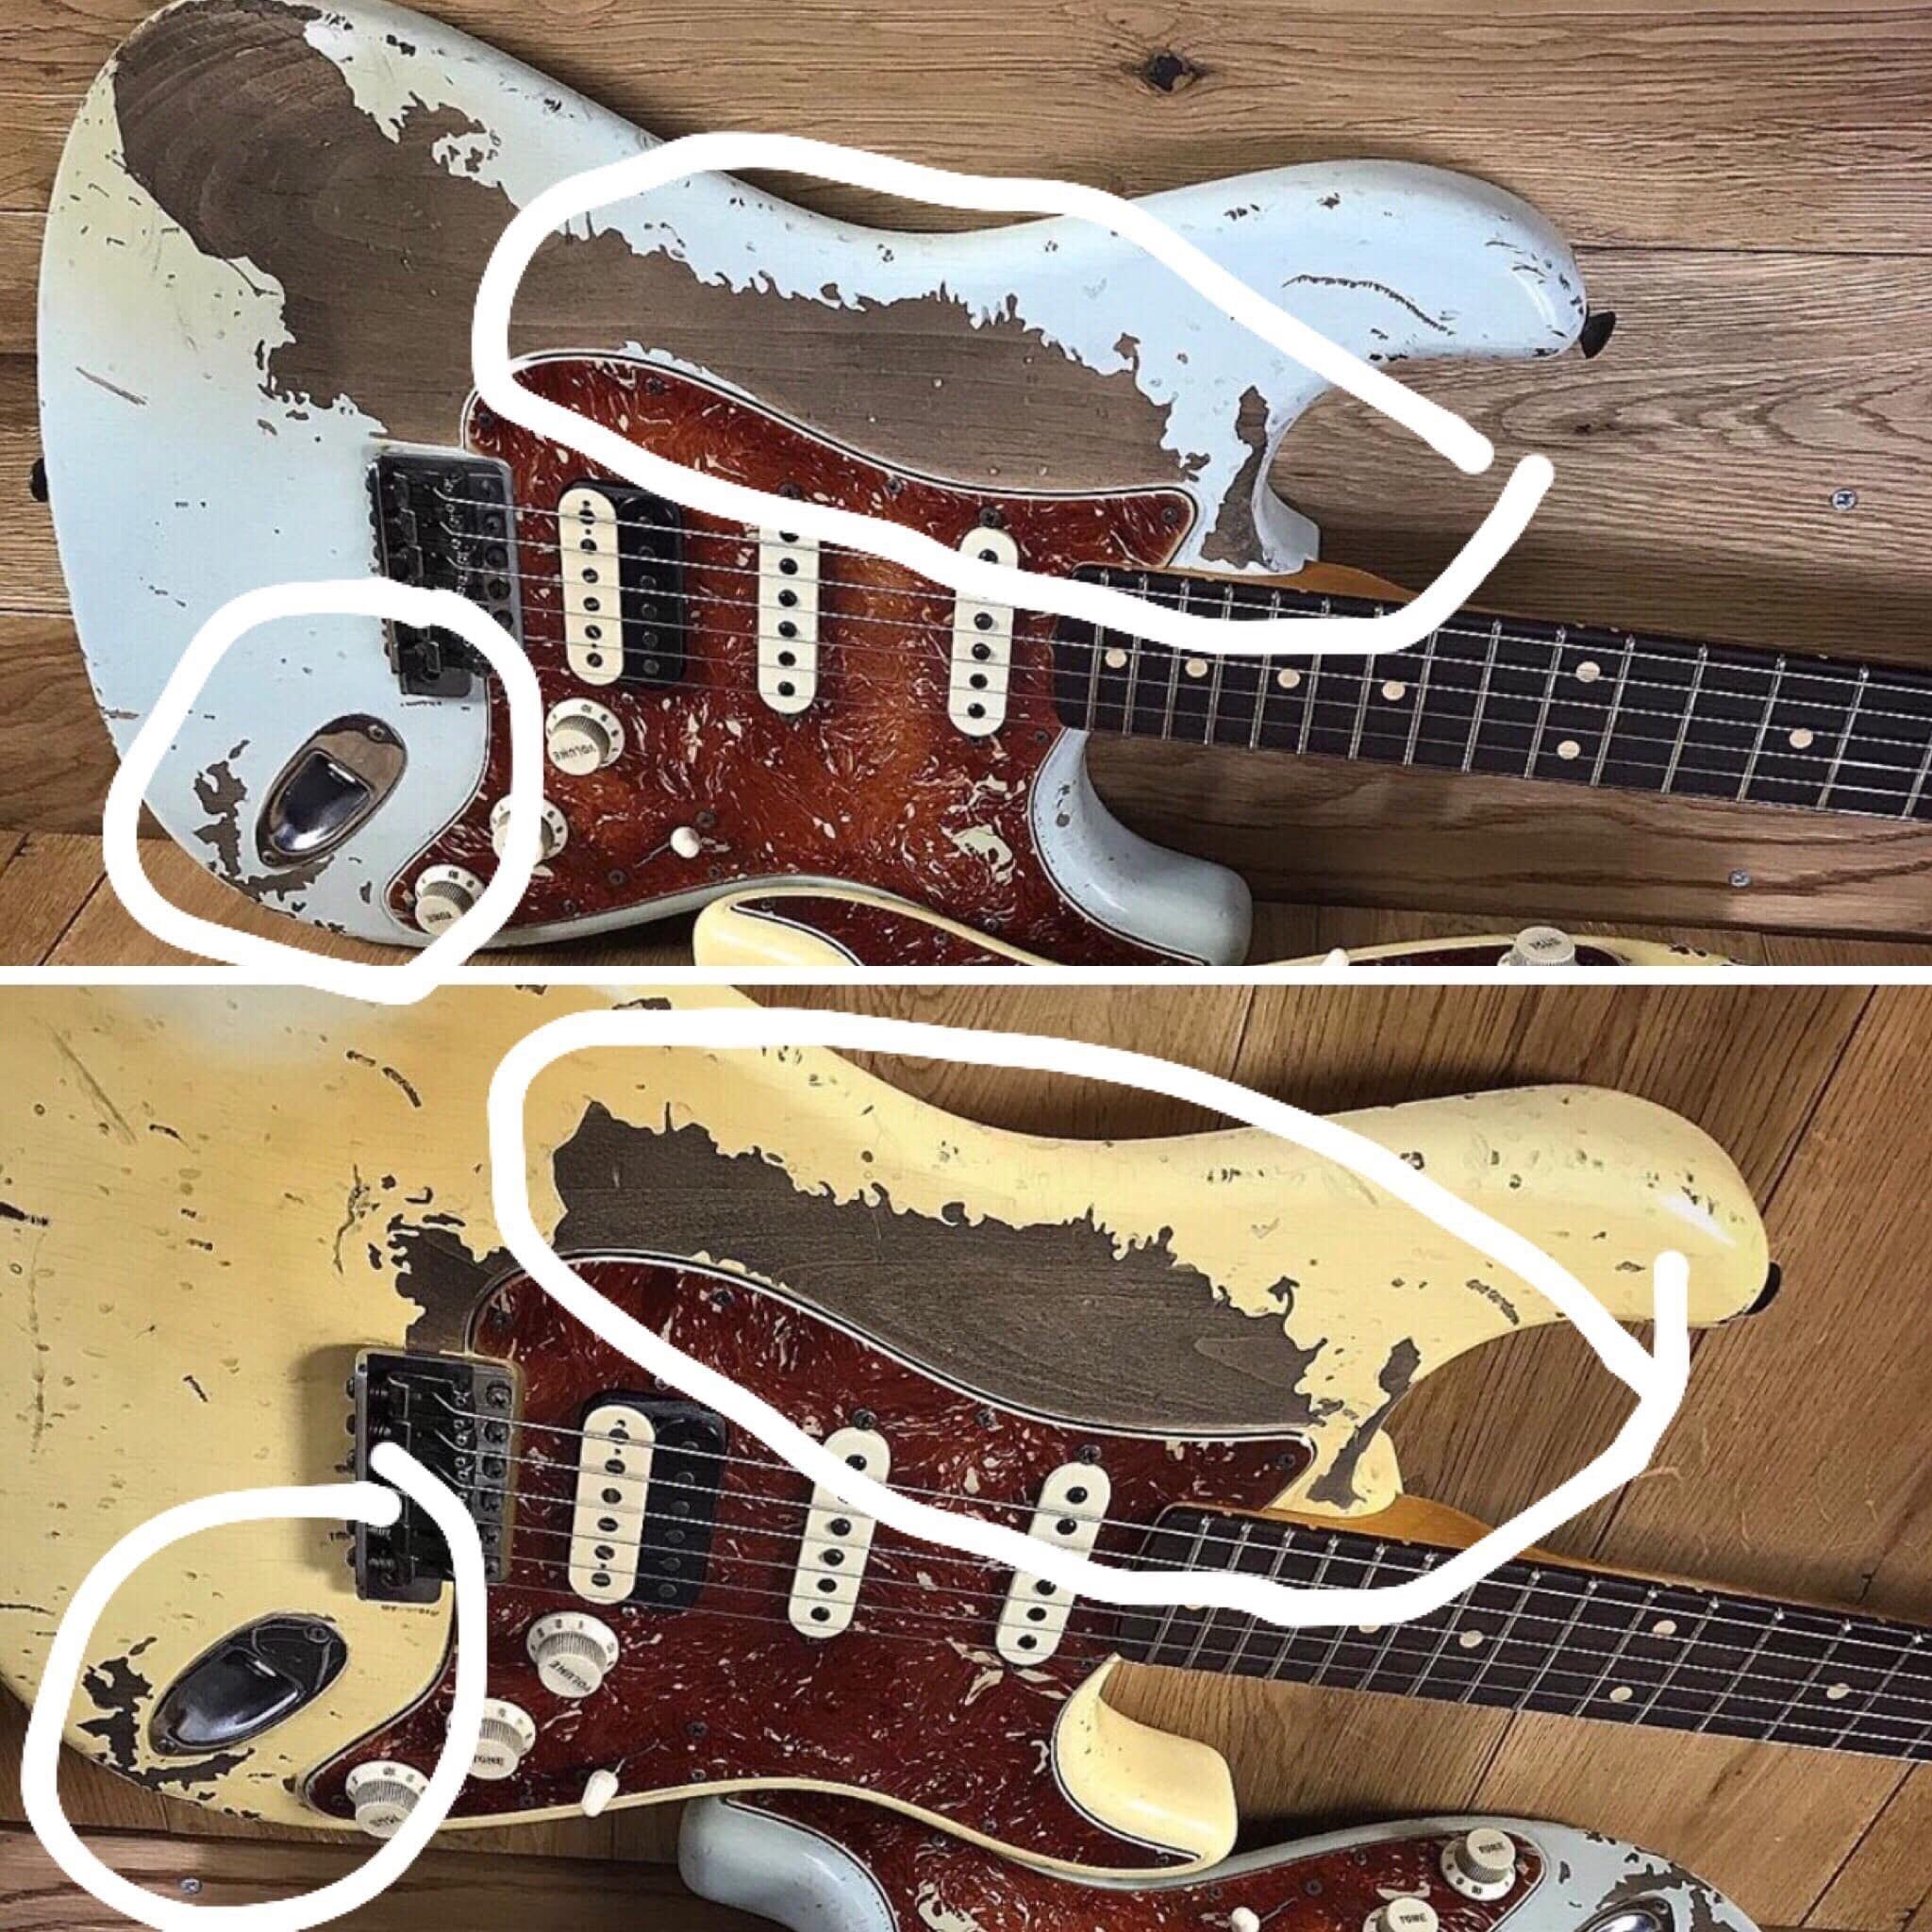 Poopot' Fender relic Stratocaster comparison